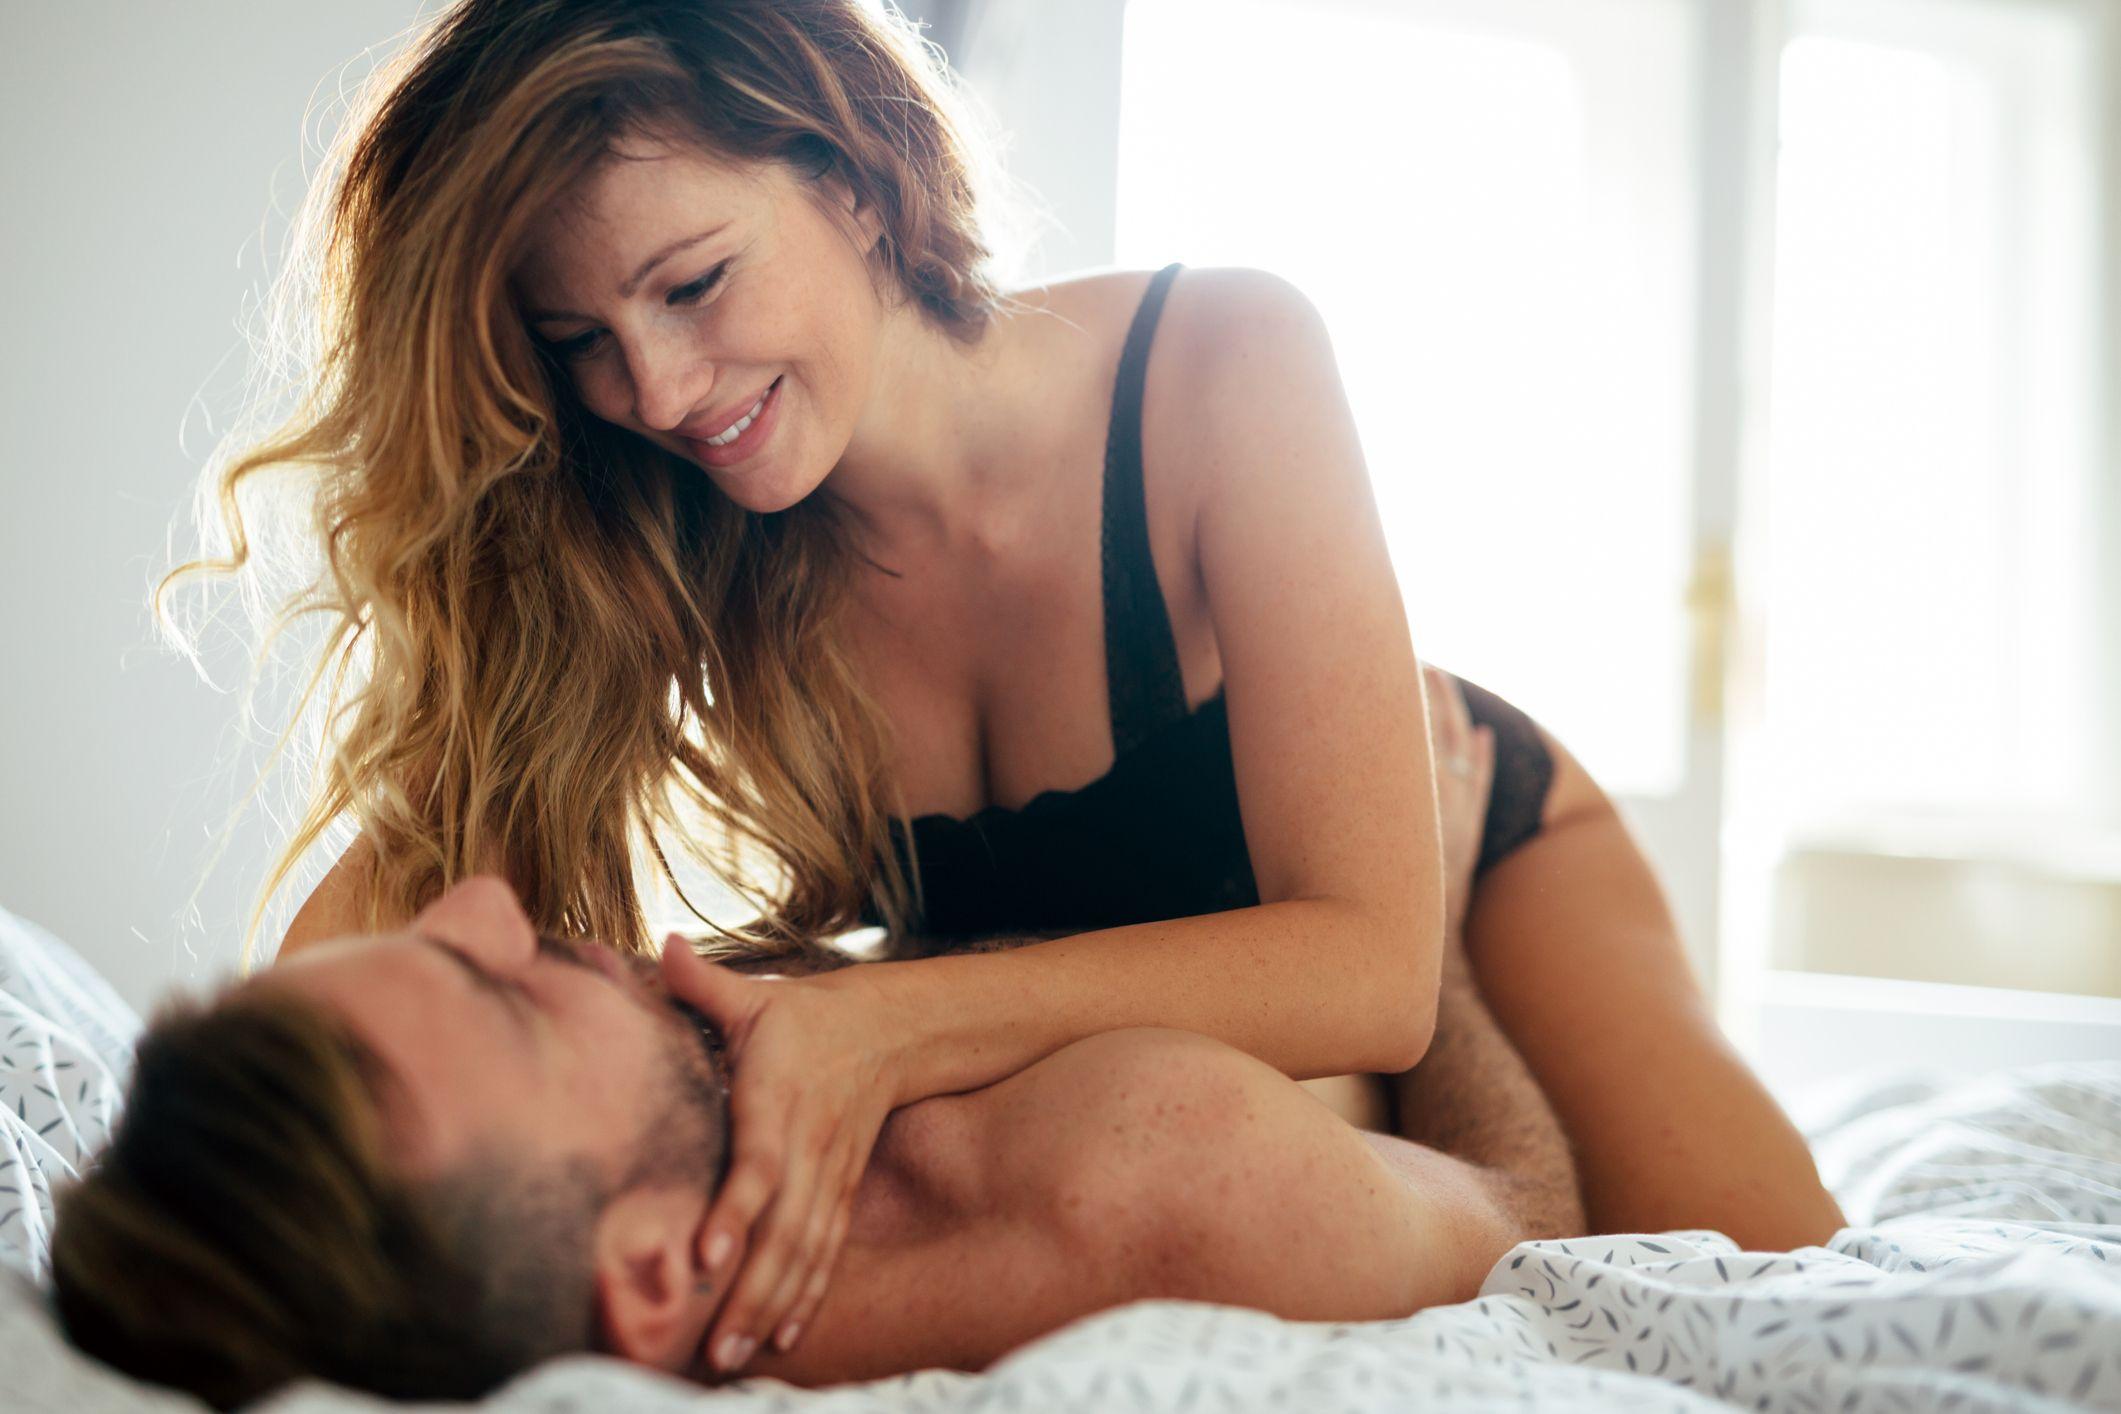 Choking girls in bondage high quality digital porn